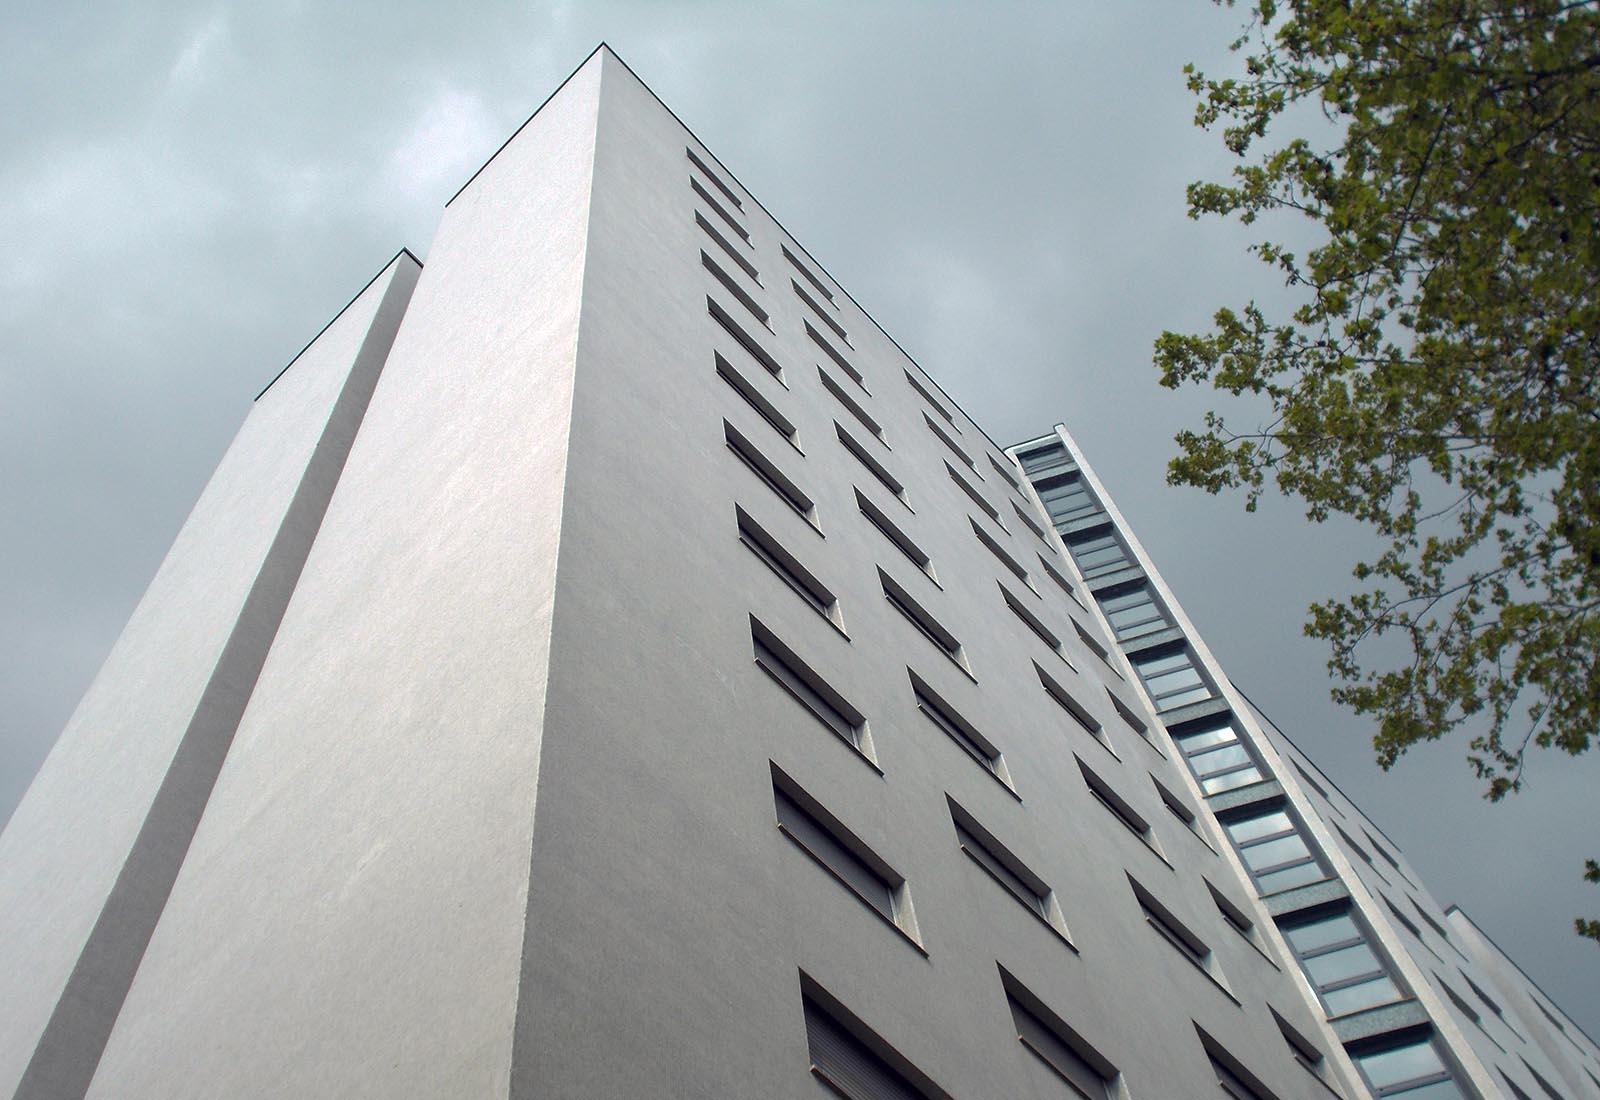 Residenza universitaria di via Corridoni - Scorcio della torre B